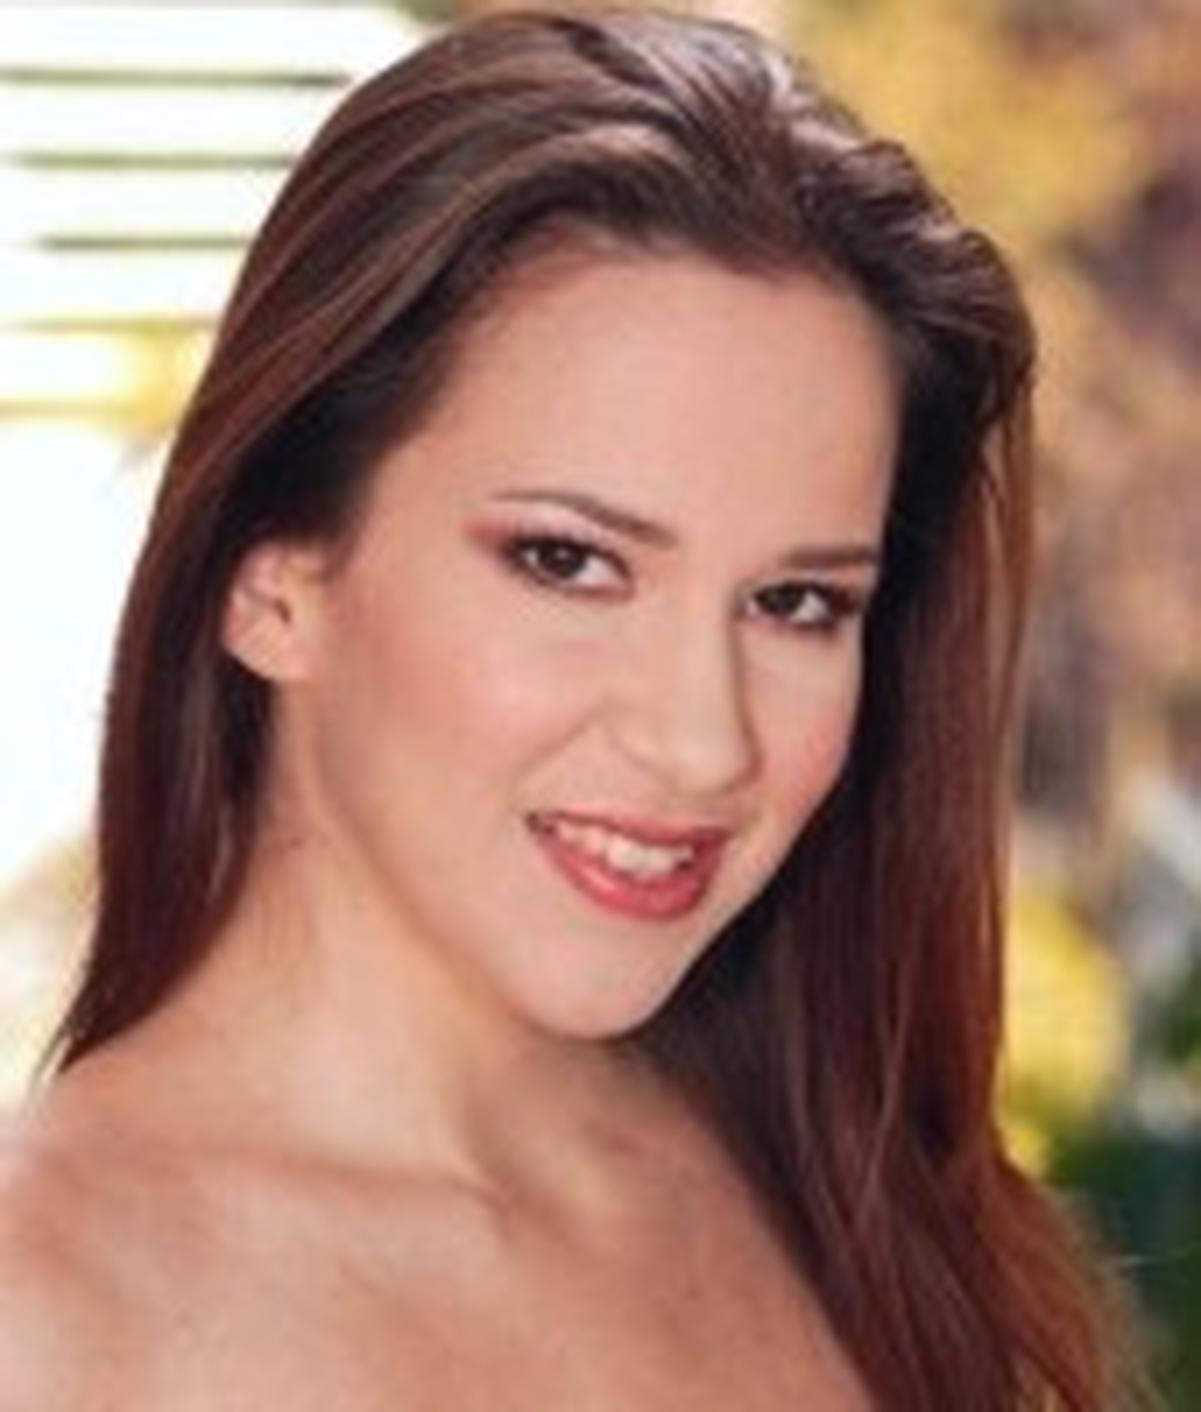 Cristina Agave